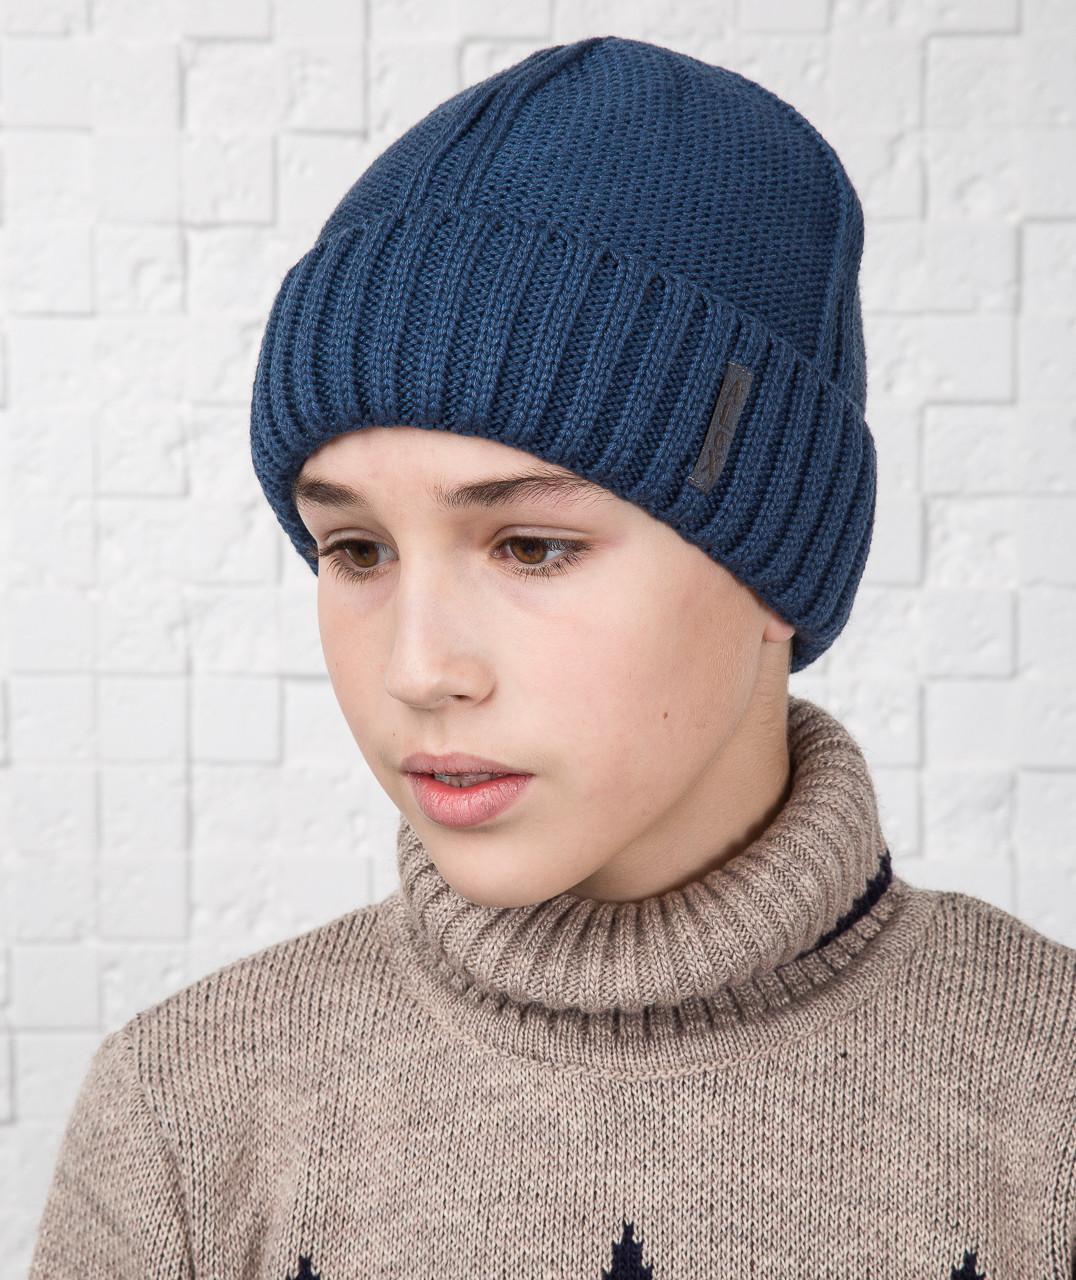 Зимняя вязаная шапка для мальчика подростка на флисе - Артикул AL17034